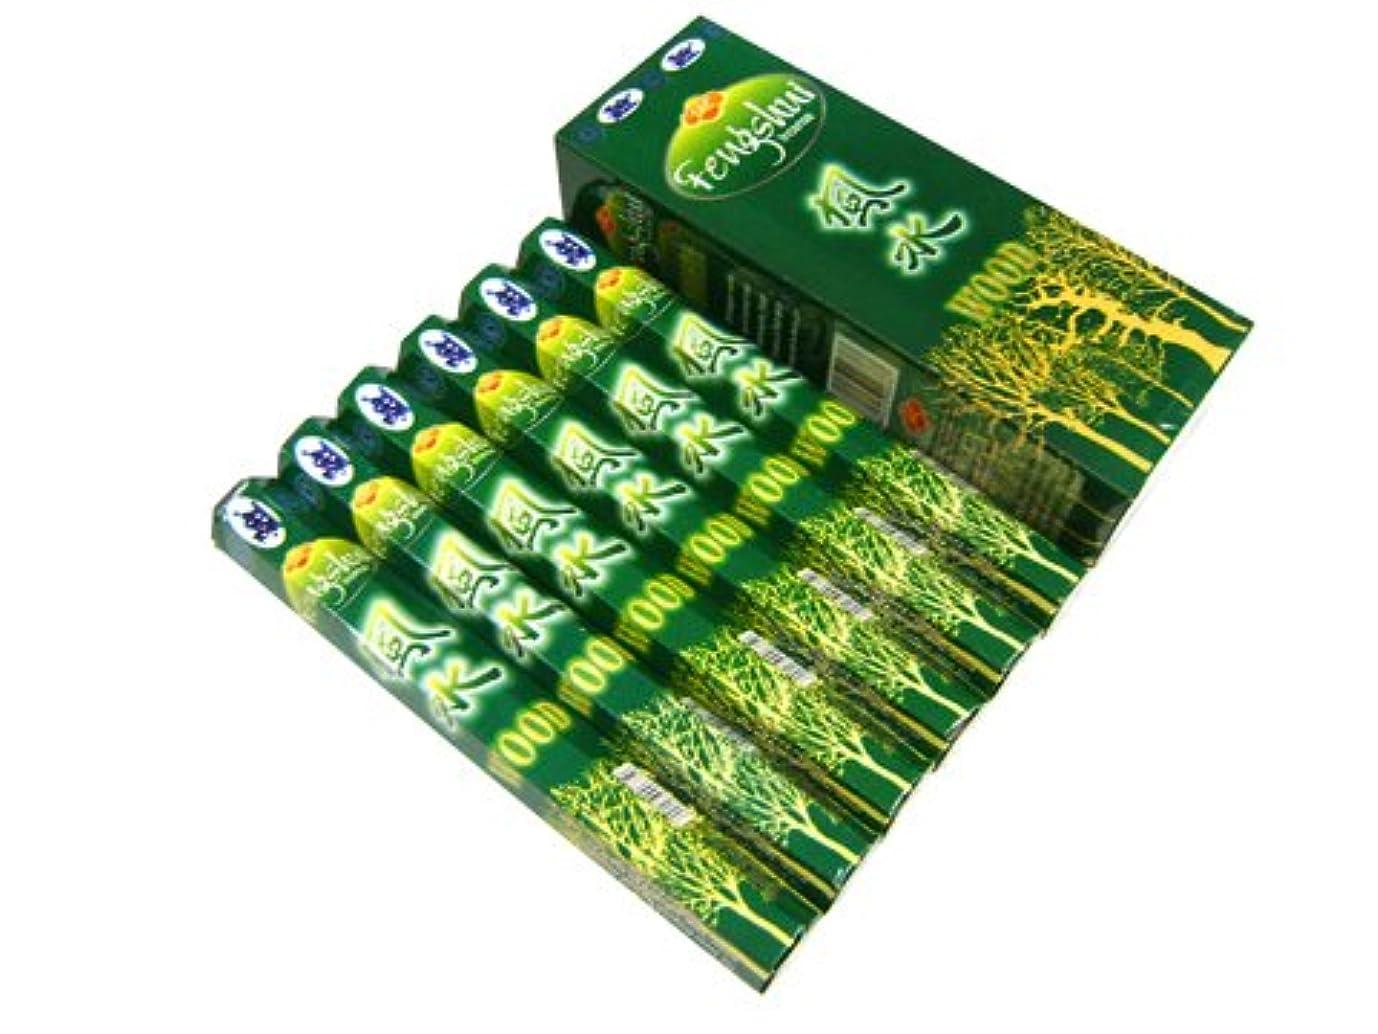 アクセス咳むしろSANDESH SAC (サンデッシュ) 風水香(ウッド) スティック FENGSHUI WOOD 6箱セット